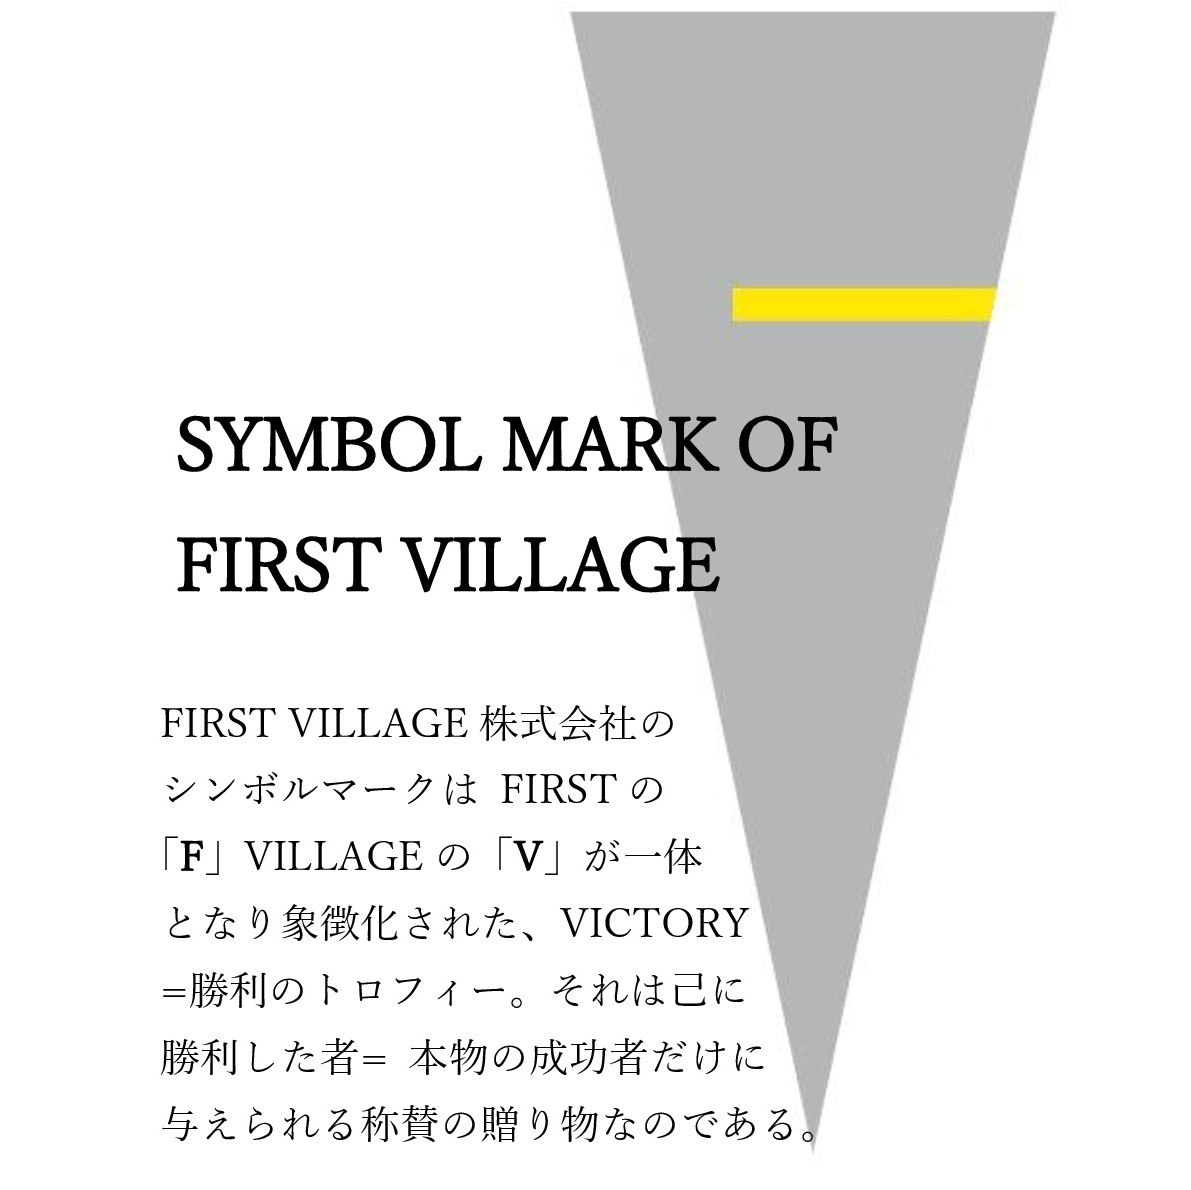 FIRST VILLAGE 株式会社のシンボルマークはFIRSTの「F」VILLAGEの「V」が一体となり象徴化された、VICTORY=勝利のトロフィー。それは己に勝利した者=本物の成功者だけに与えられる称賛の贈り物なのである。